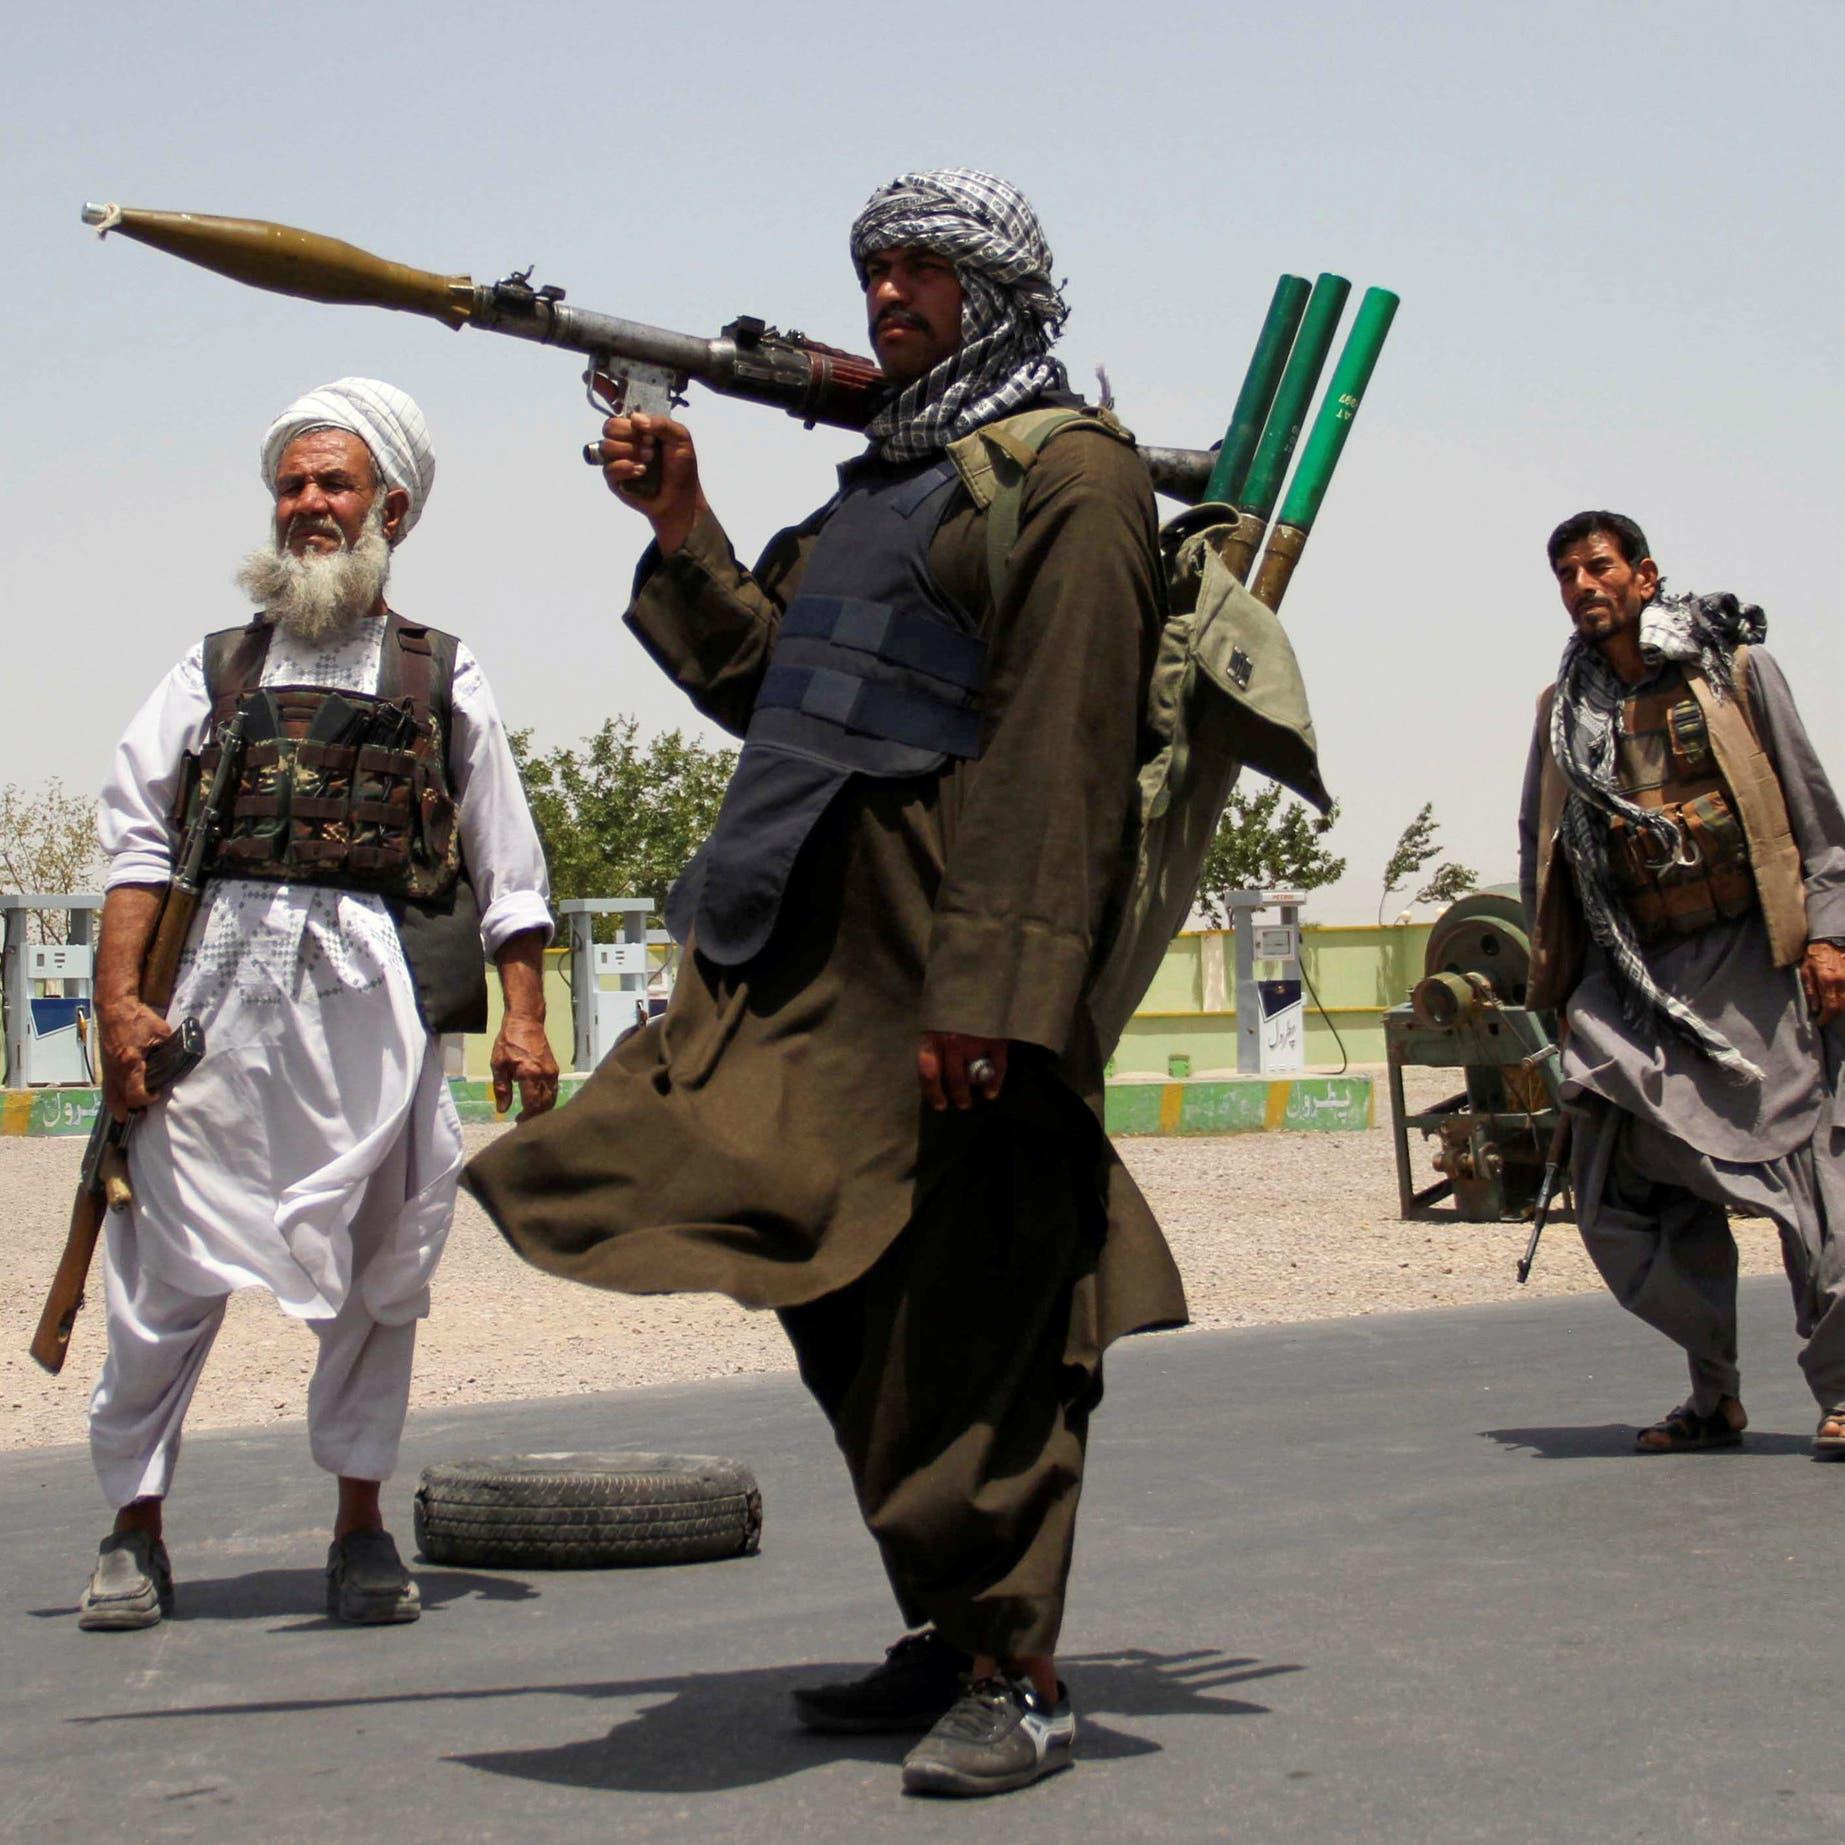 Pakistan envoy warns of danger in militias fighting Afghan Taliban